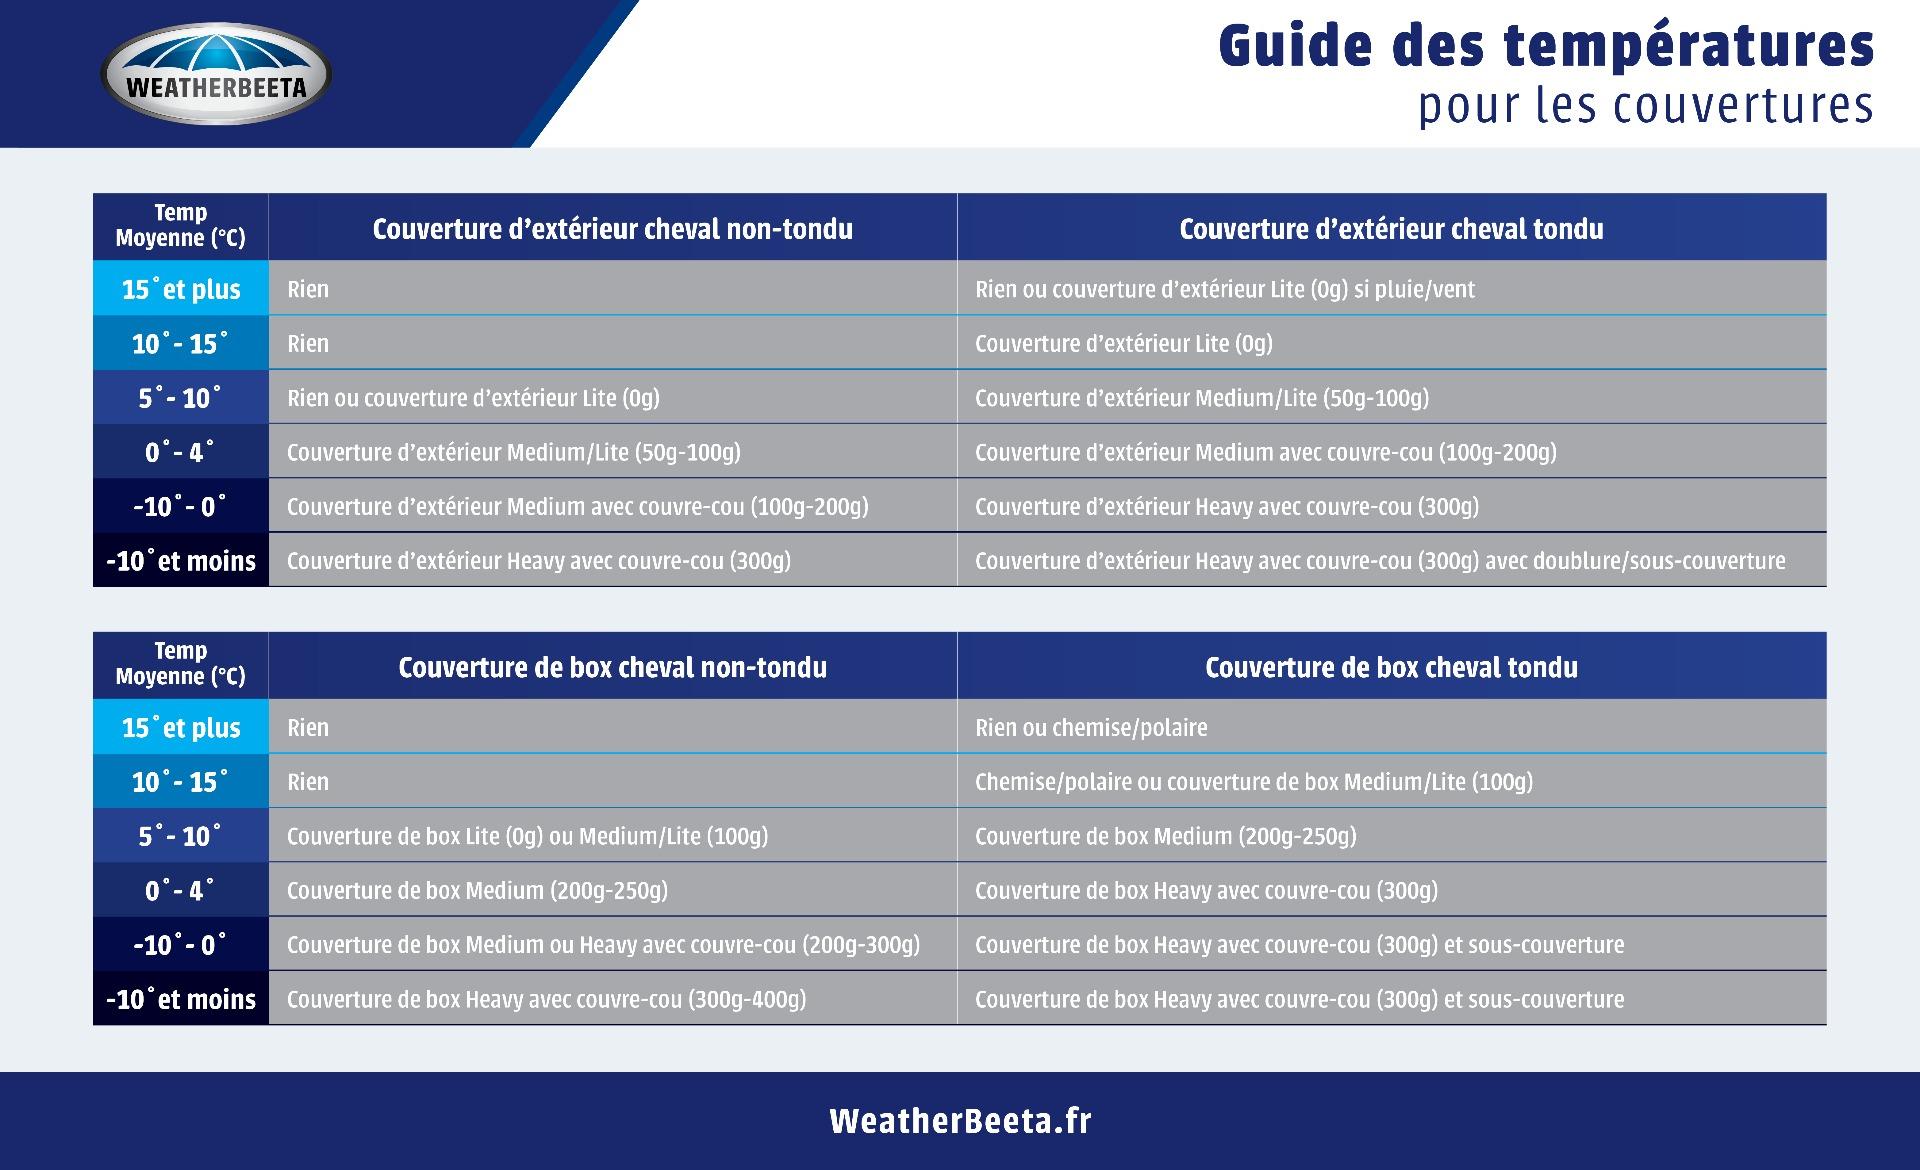 Guide des Températures pour Couvertures